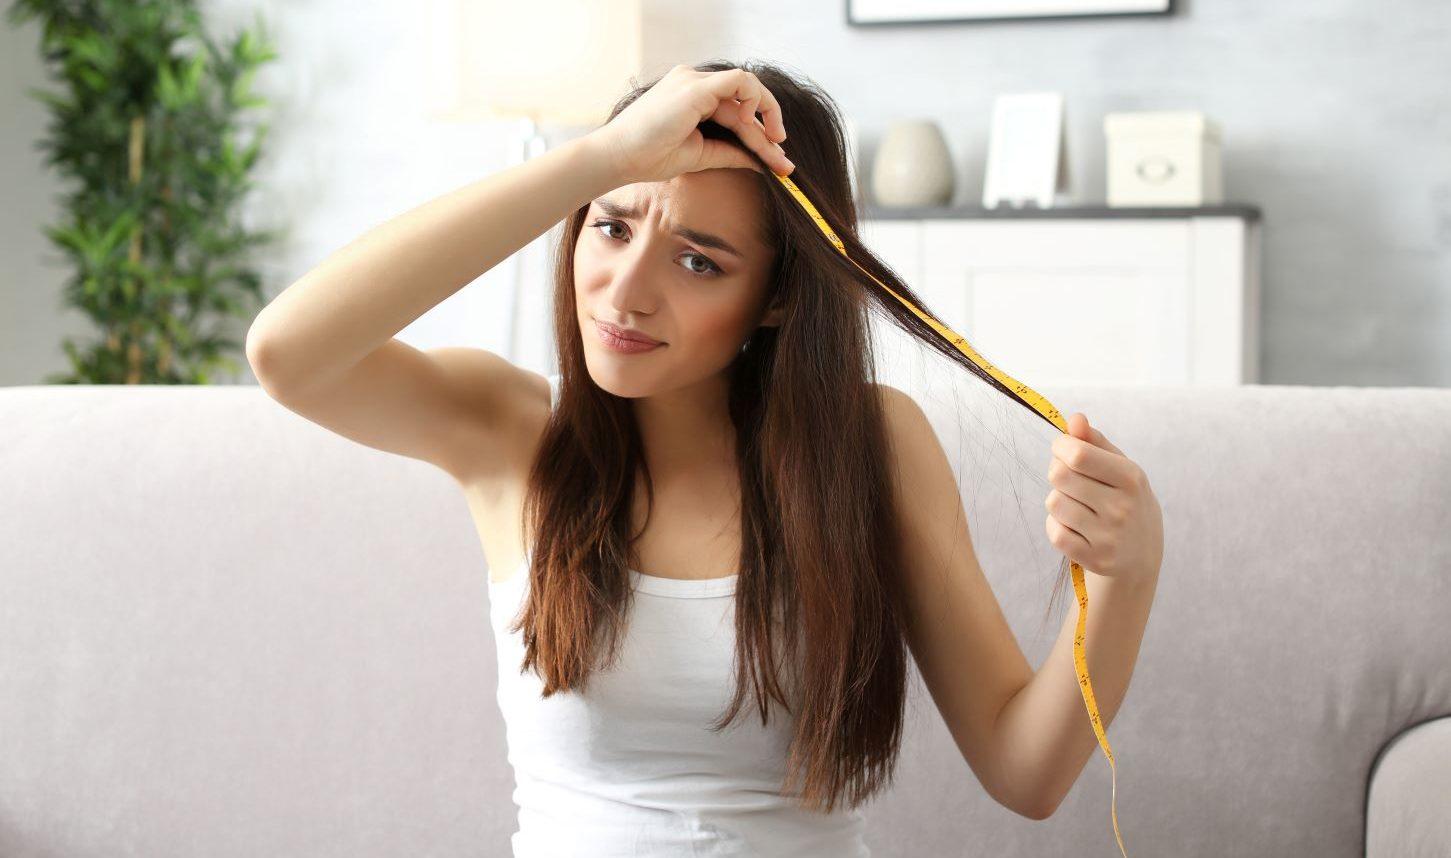 Zadbaj o wygląd i zdrowie swoich włosów!